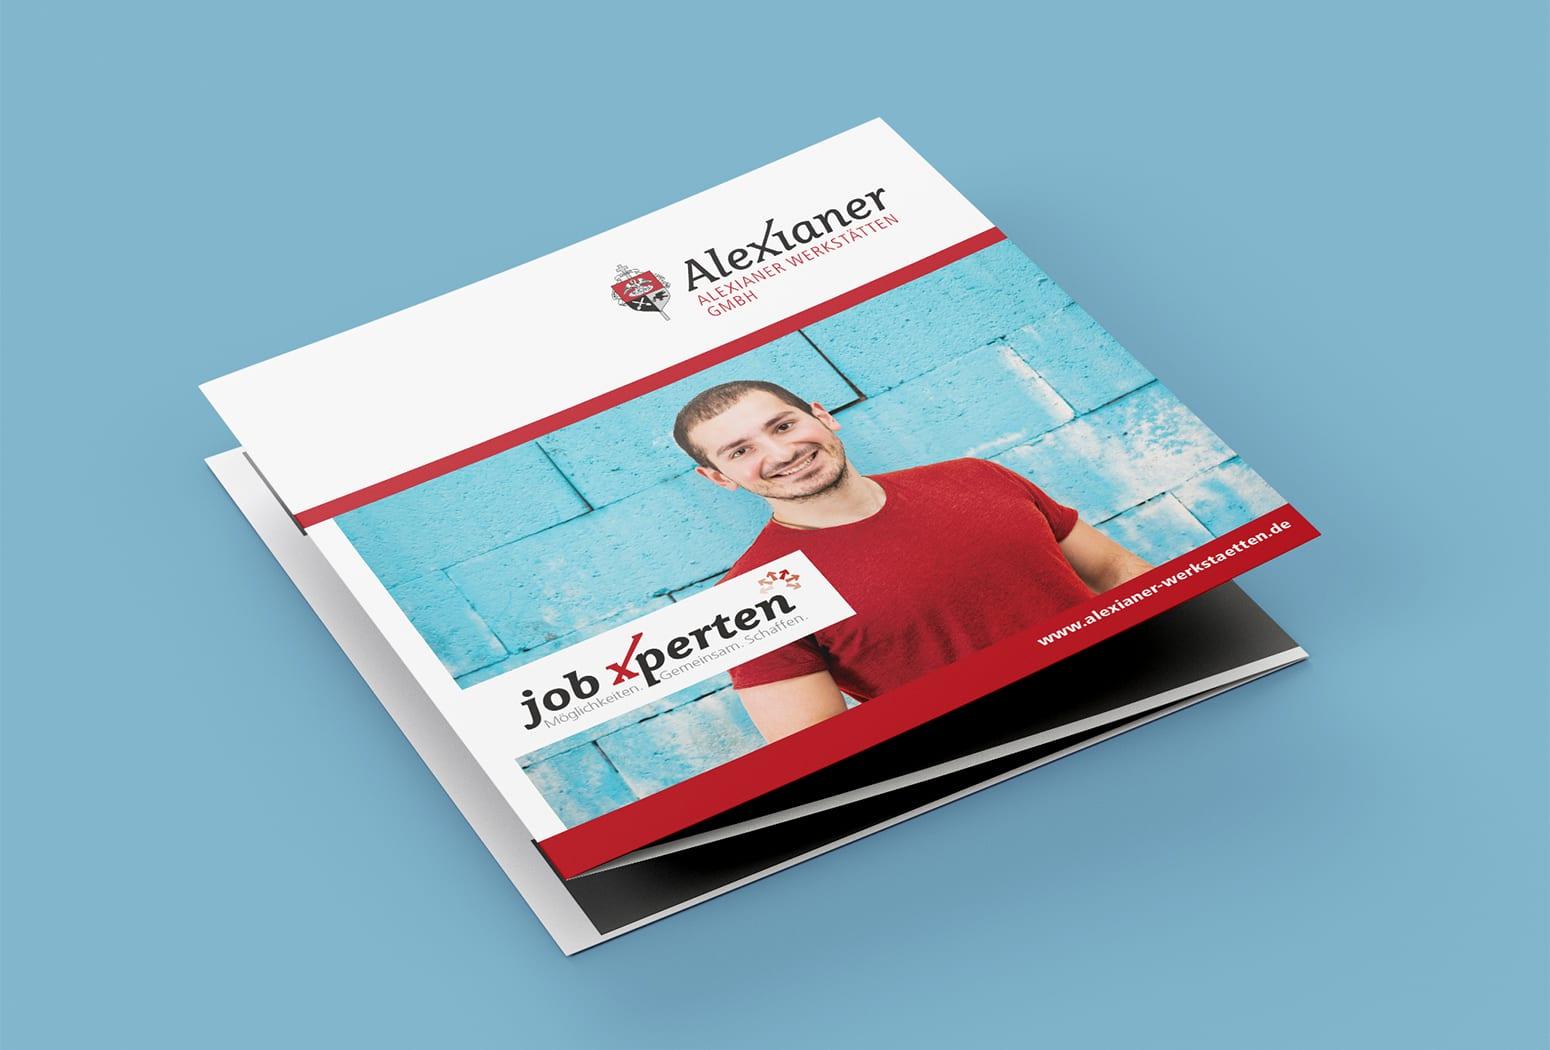 JobXperten Flyer für Teilnehmer*innen